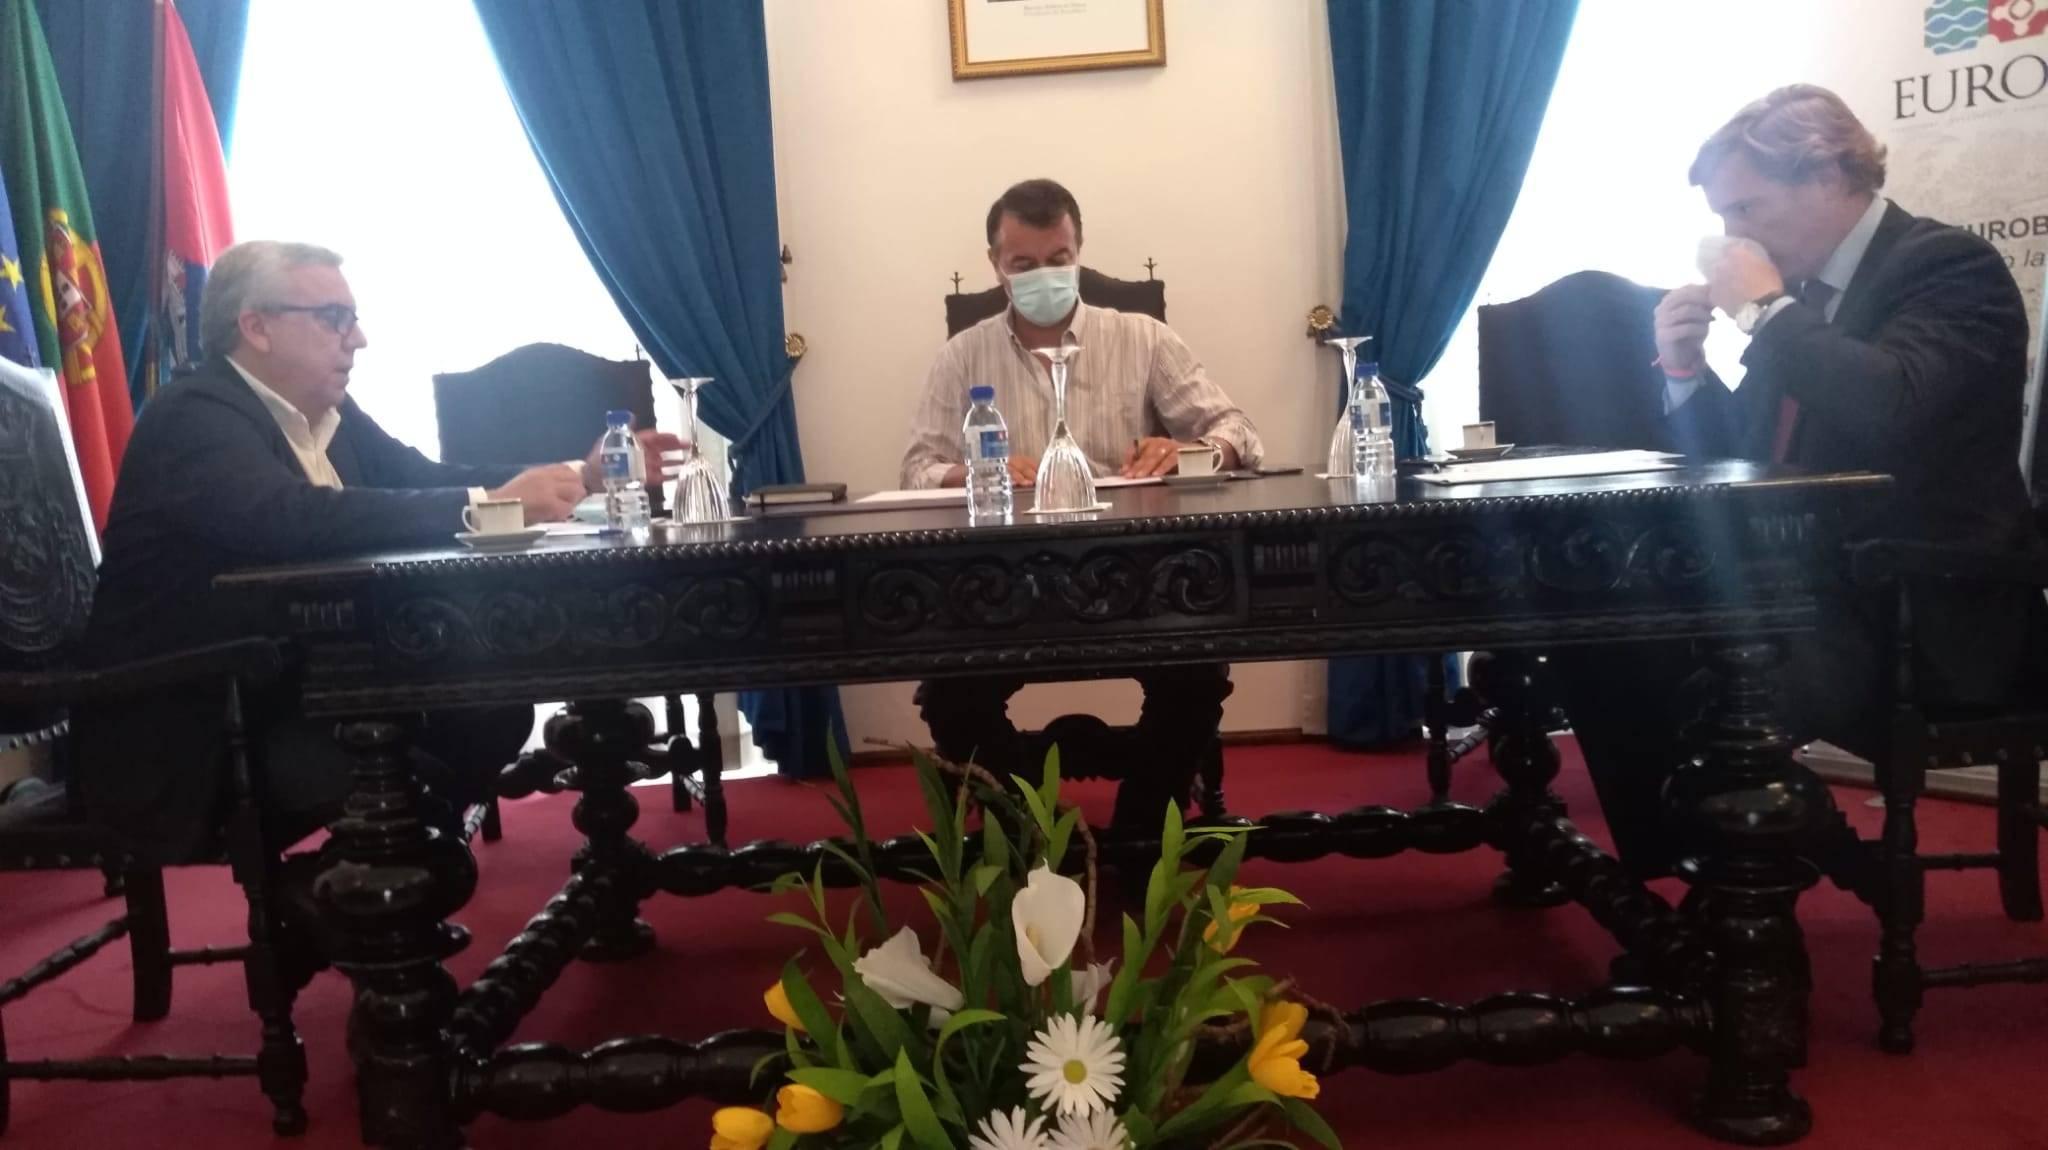 Galeria de Fotos - Comité Executivo da Eurobec esteve reunido